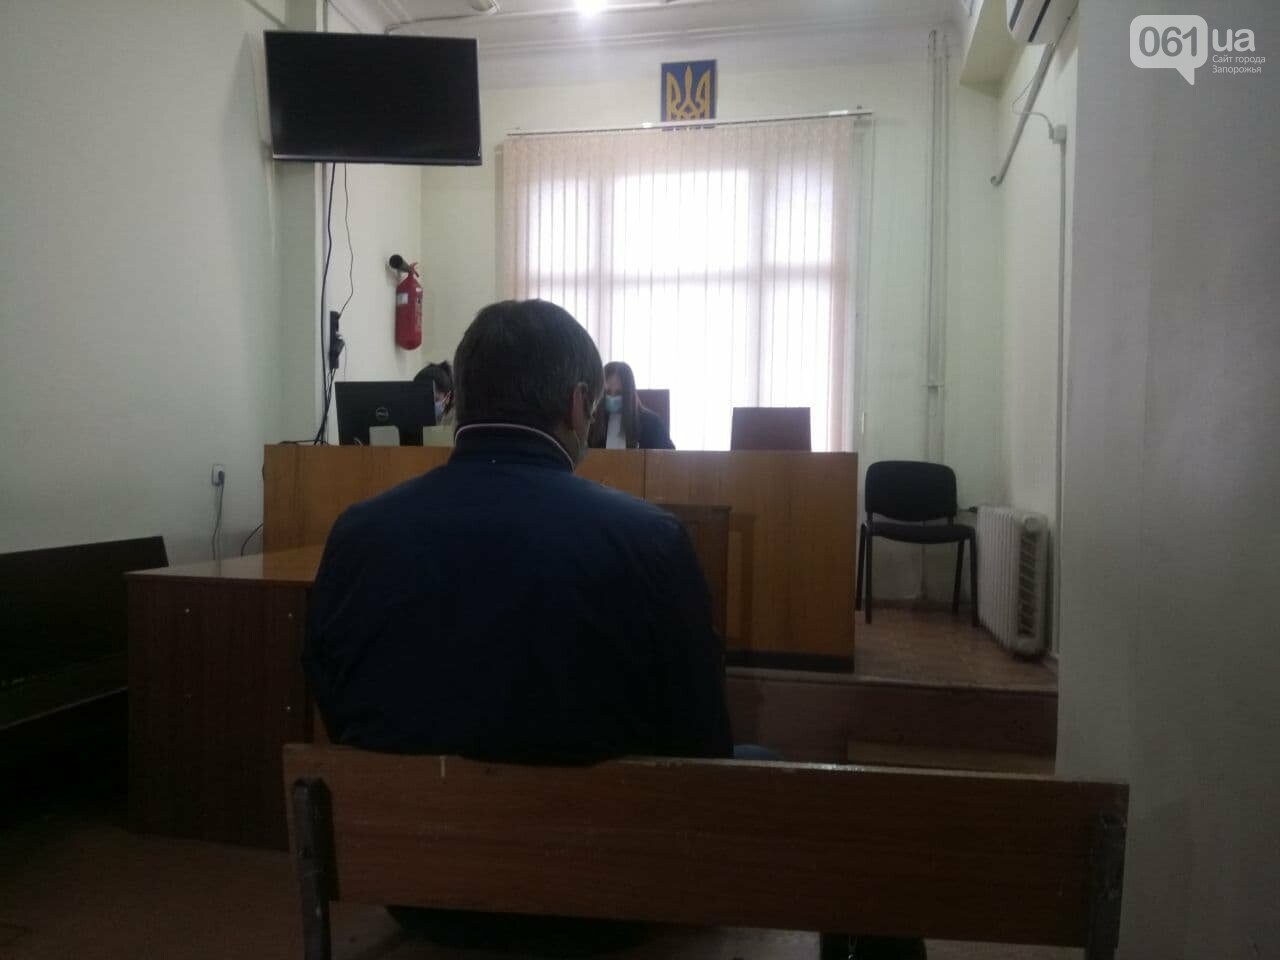 В Запорожье суд перенес заседание по делу экс-депутата, задержанного на взятке, фото-1